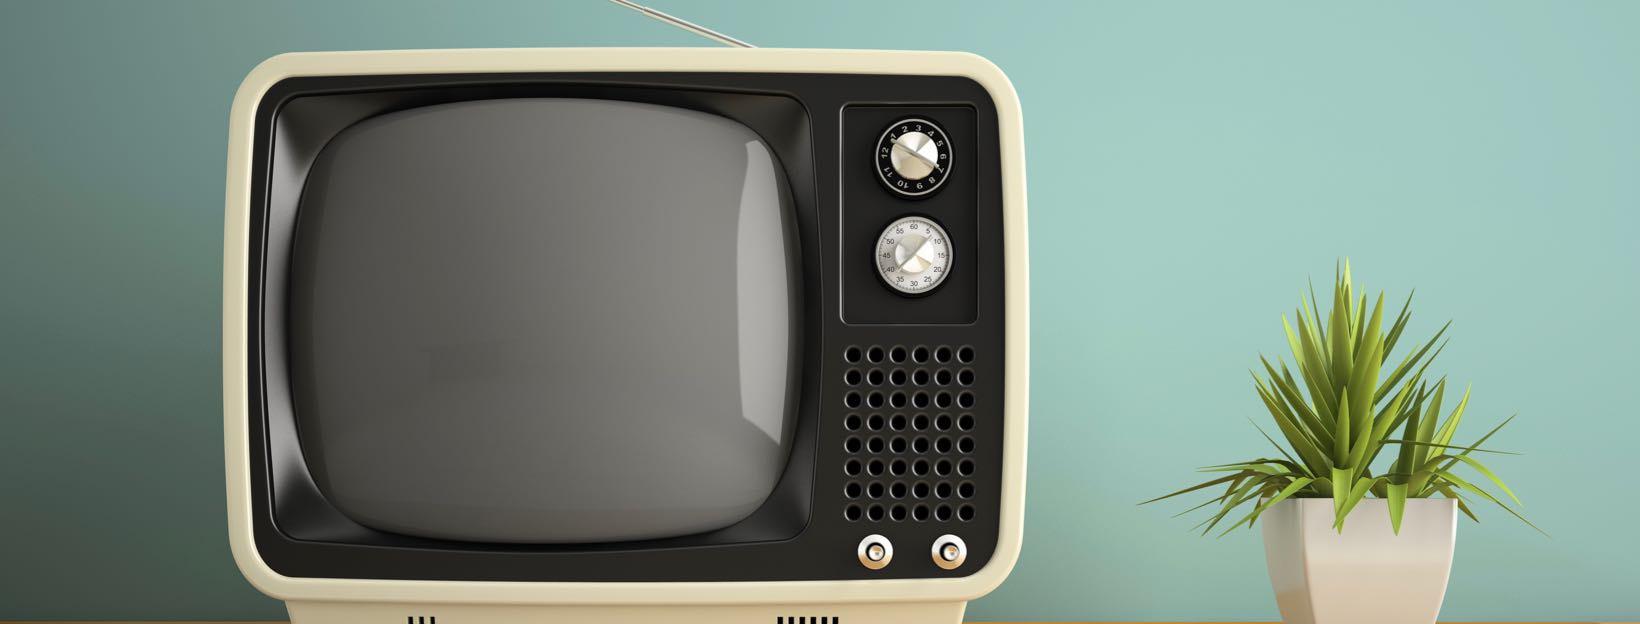 Retro-Fernseher und Zimmerpflanze